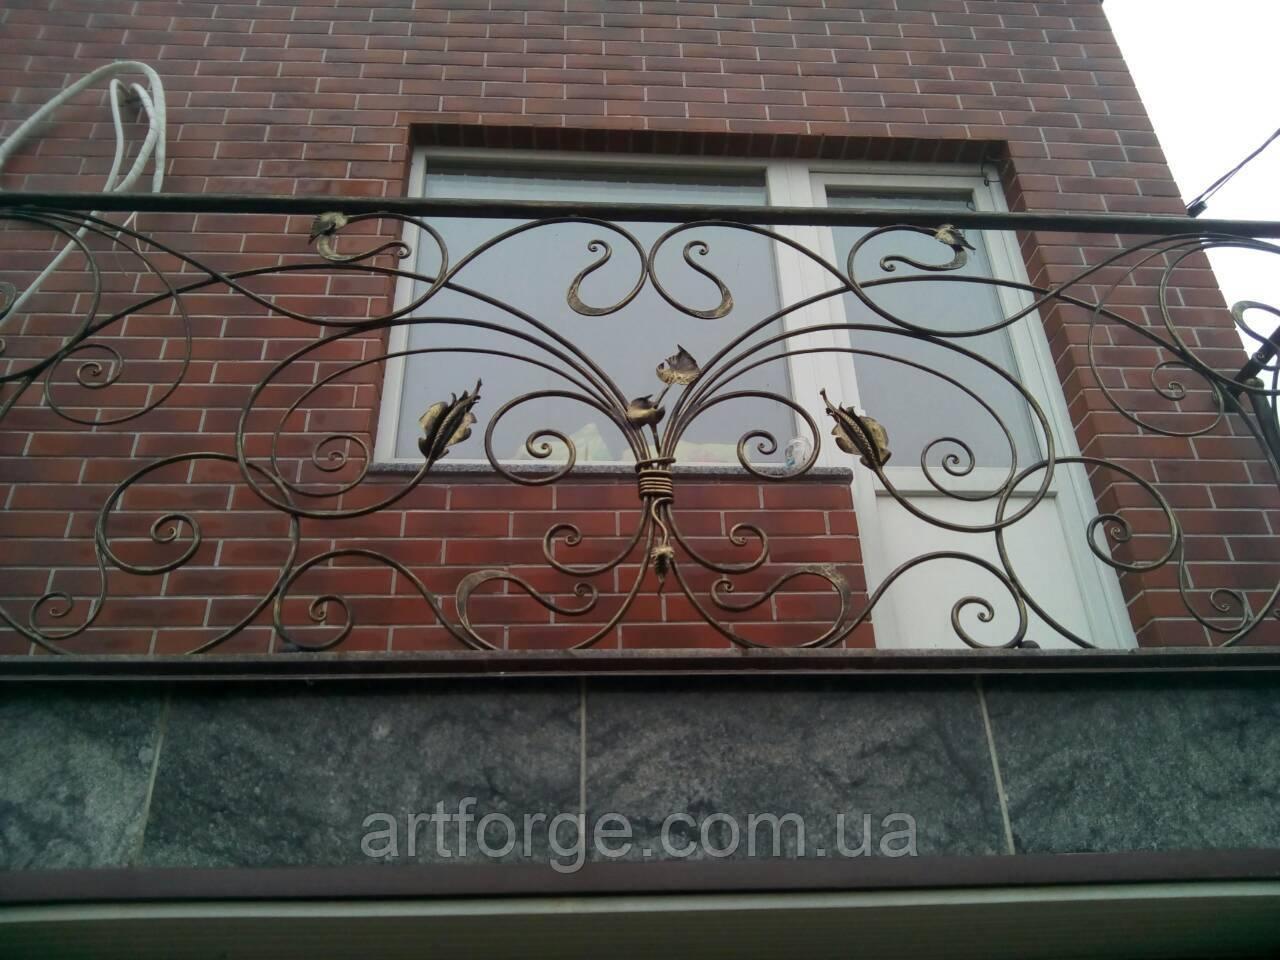 Кований балкон в стилі модерн.